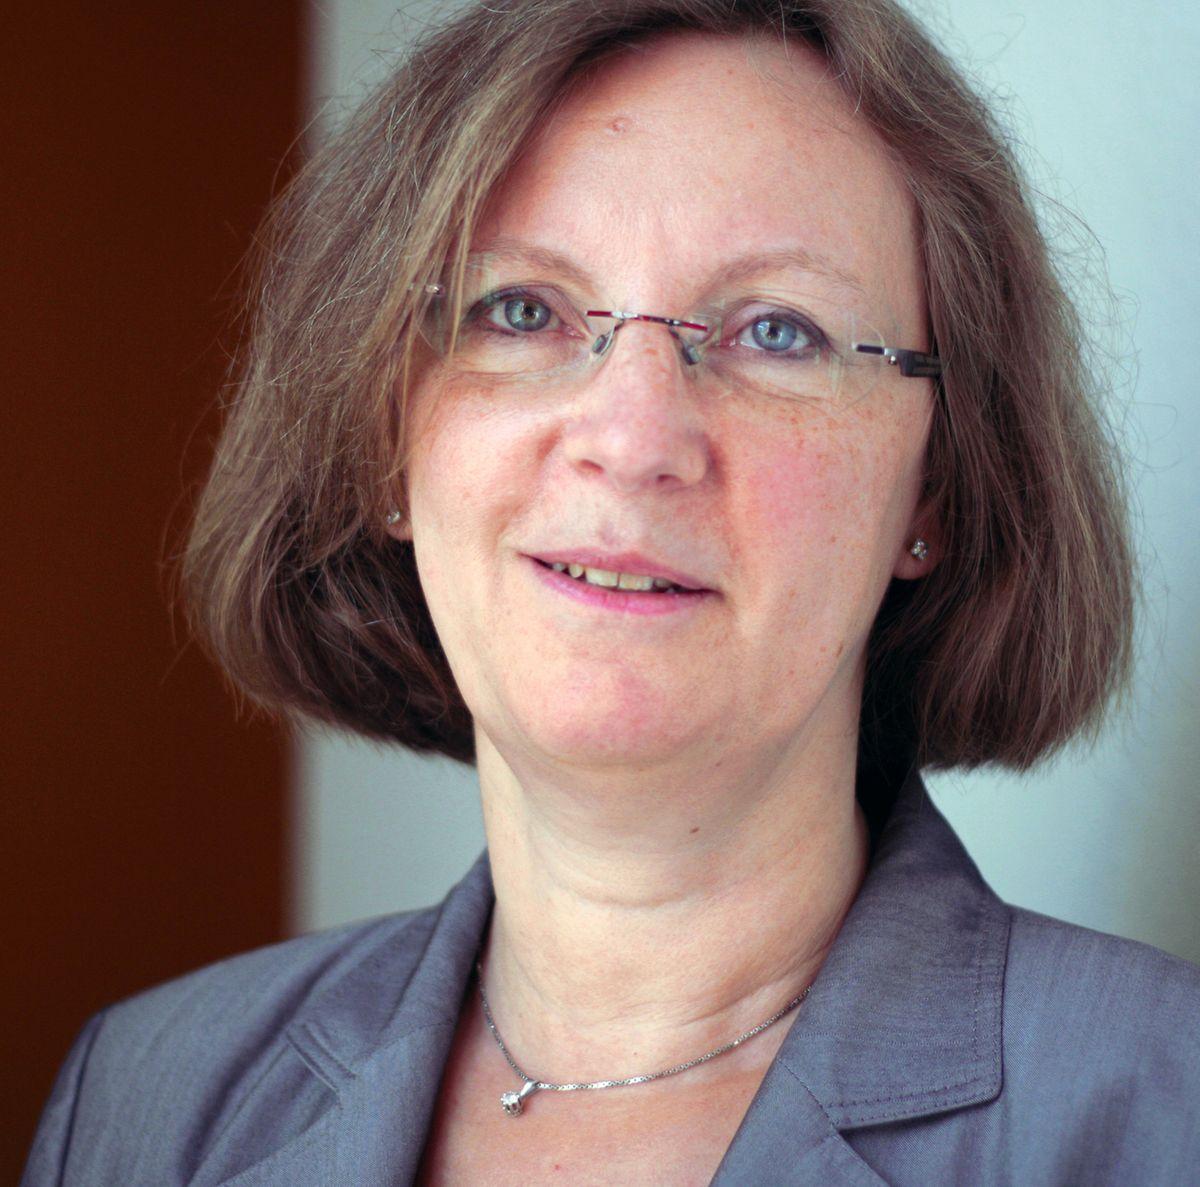 Diplom-Psychologin JuliaScharnhorst istVizepräsidentin des Berufsverbands Deutscher Psychologinnen und Psychologen (BDP).